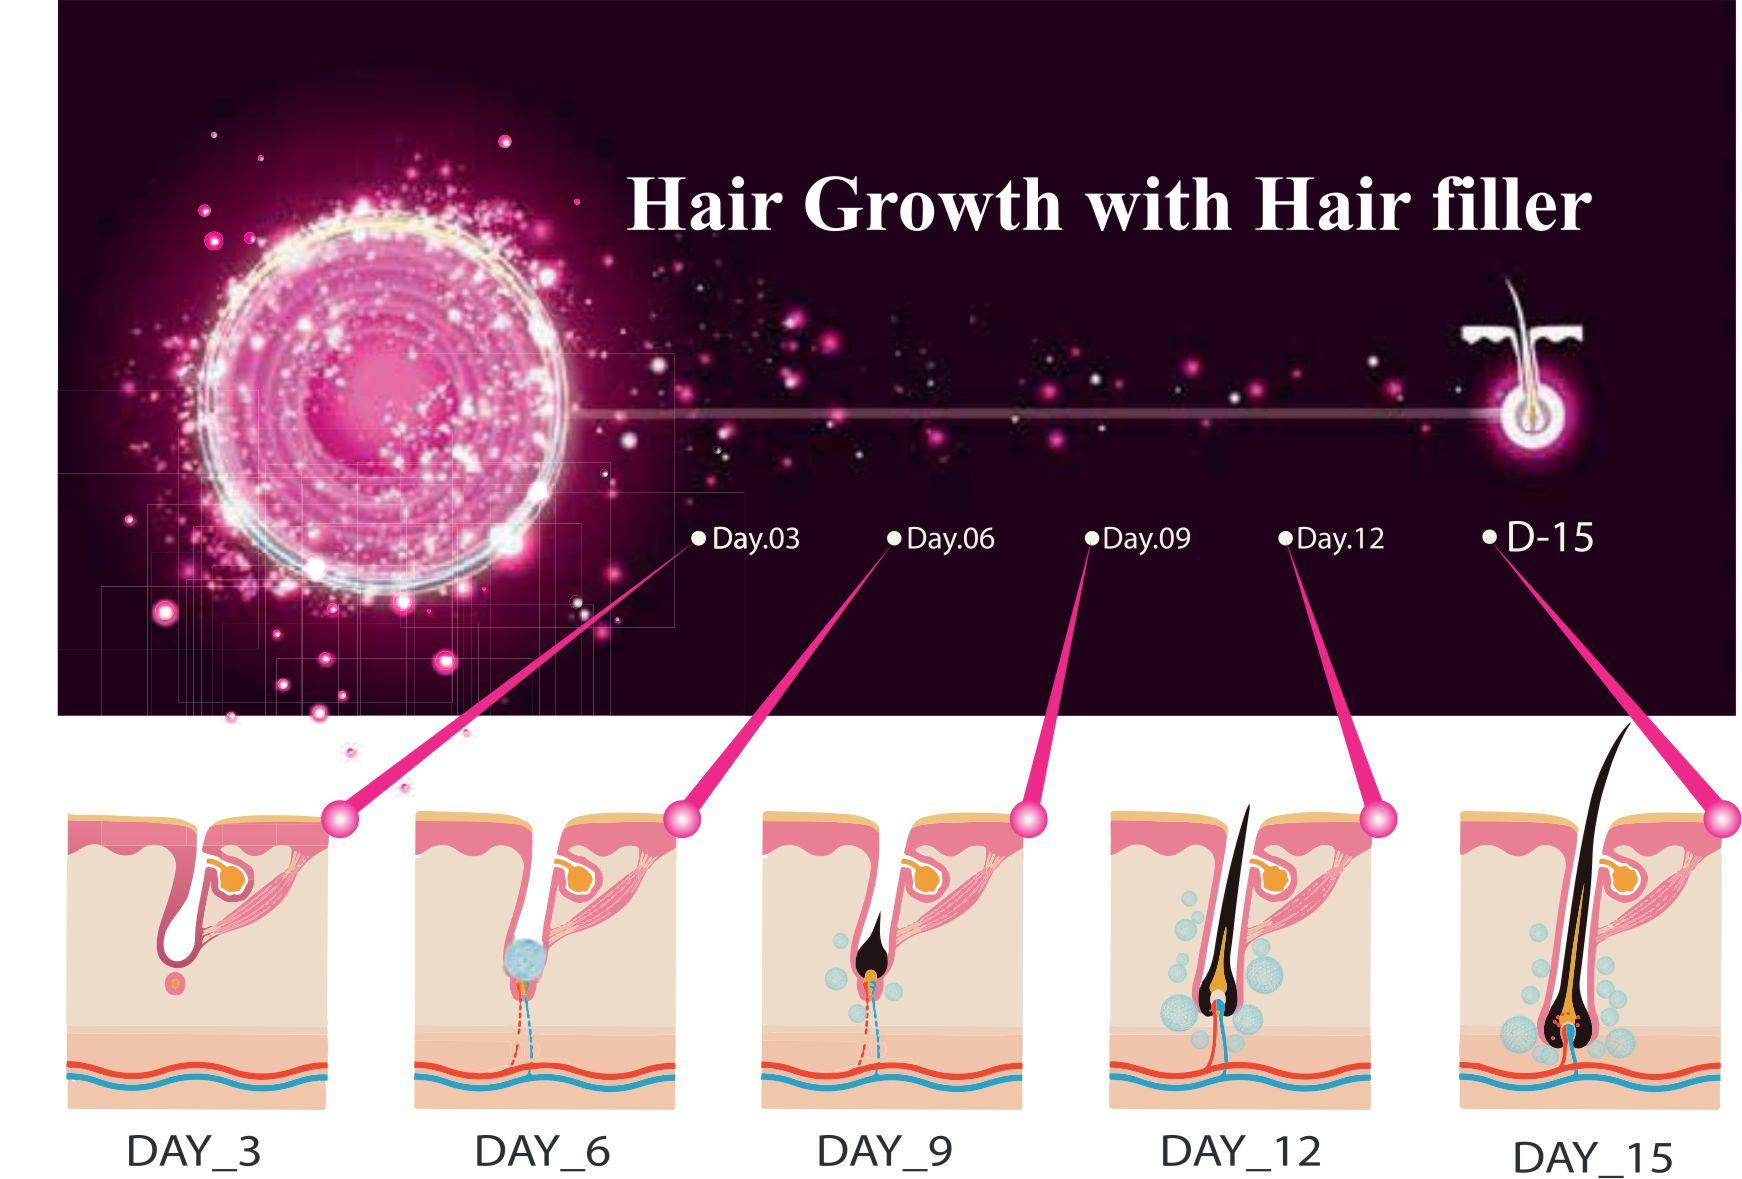 hairfuller1